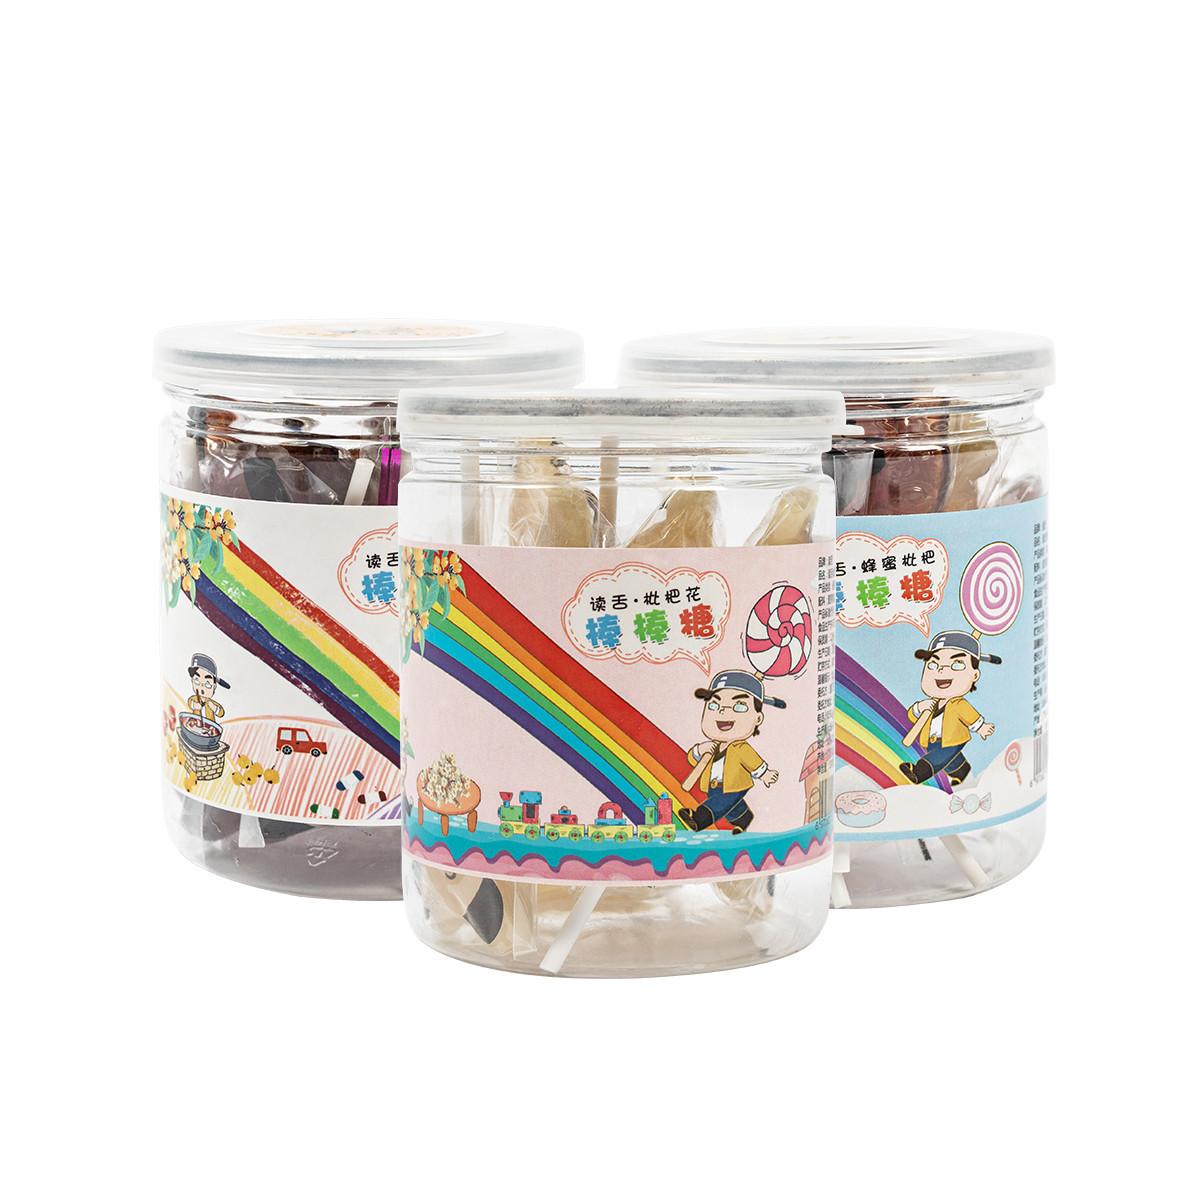 读舌儿童蜂蜜枇杷花膏棒棒糖综合口味组合可爱卡通圣诞节水果糖果罐装COLOR枇杷味棒棒糖3罐组合